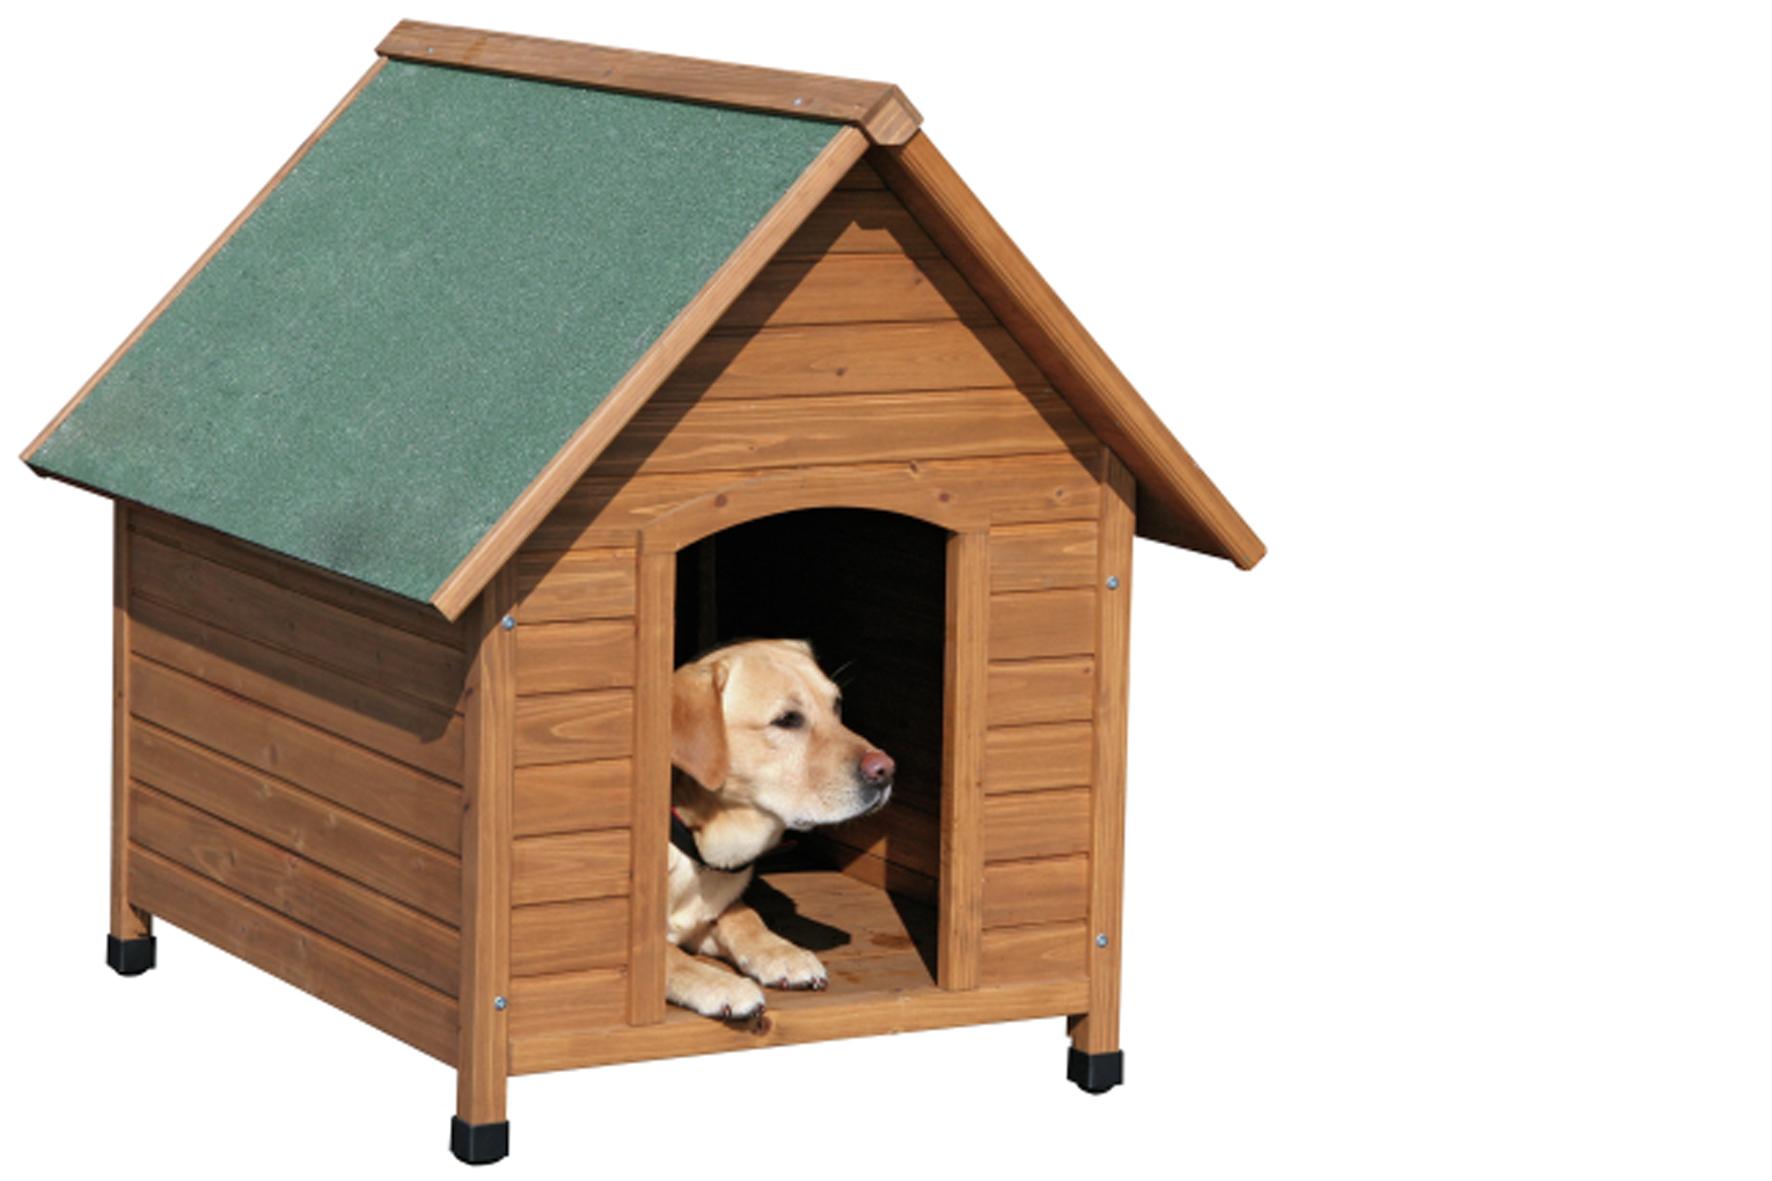 niche en bois pour chien achat en ligne ou dans notre magasin. Black Bedroom Furniture Sets. Home Design Ideas